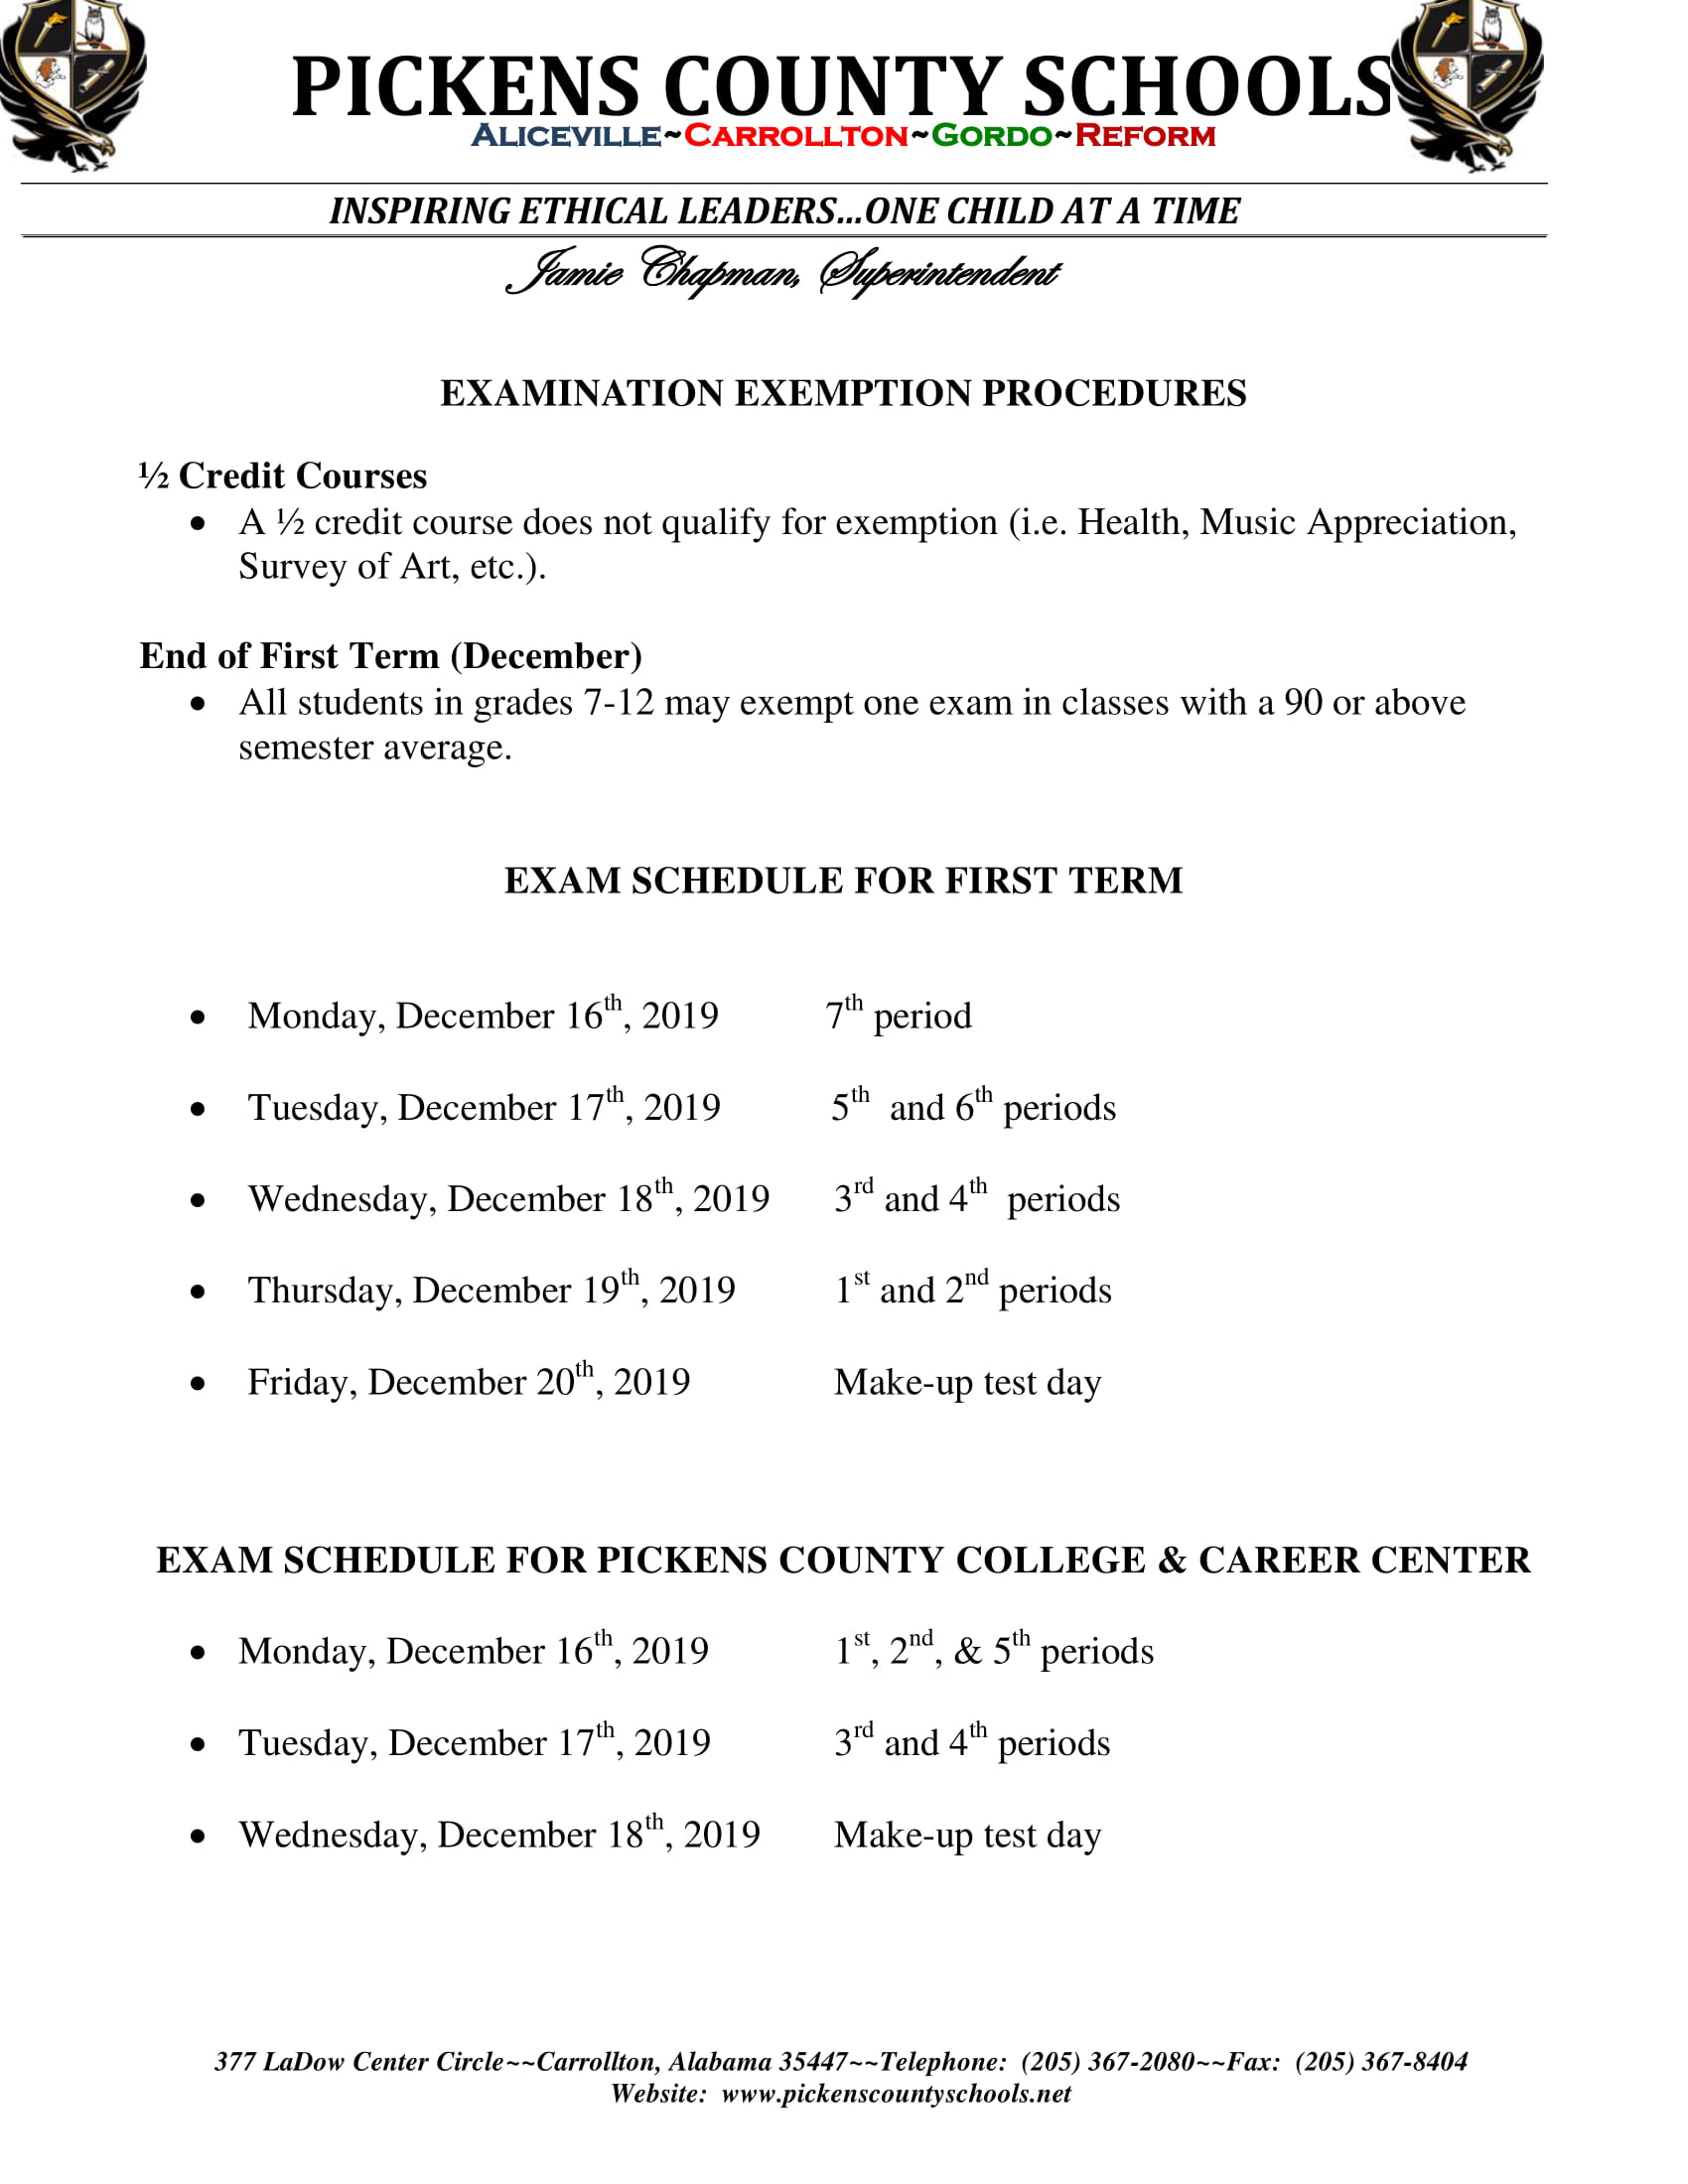 First Semester Exam Schedule - December 2019